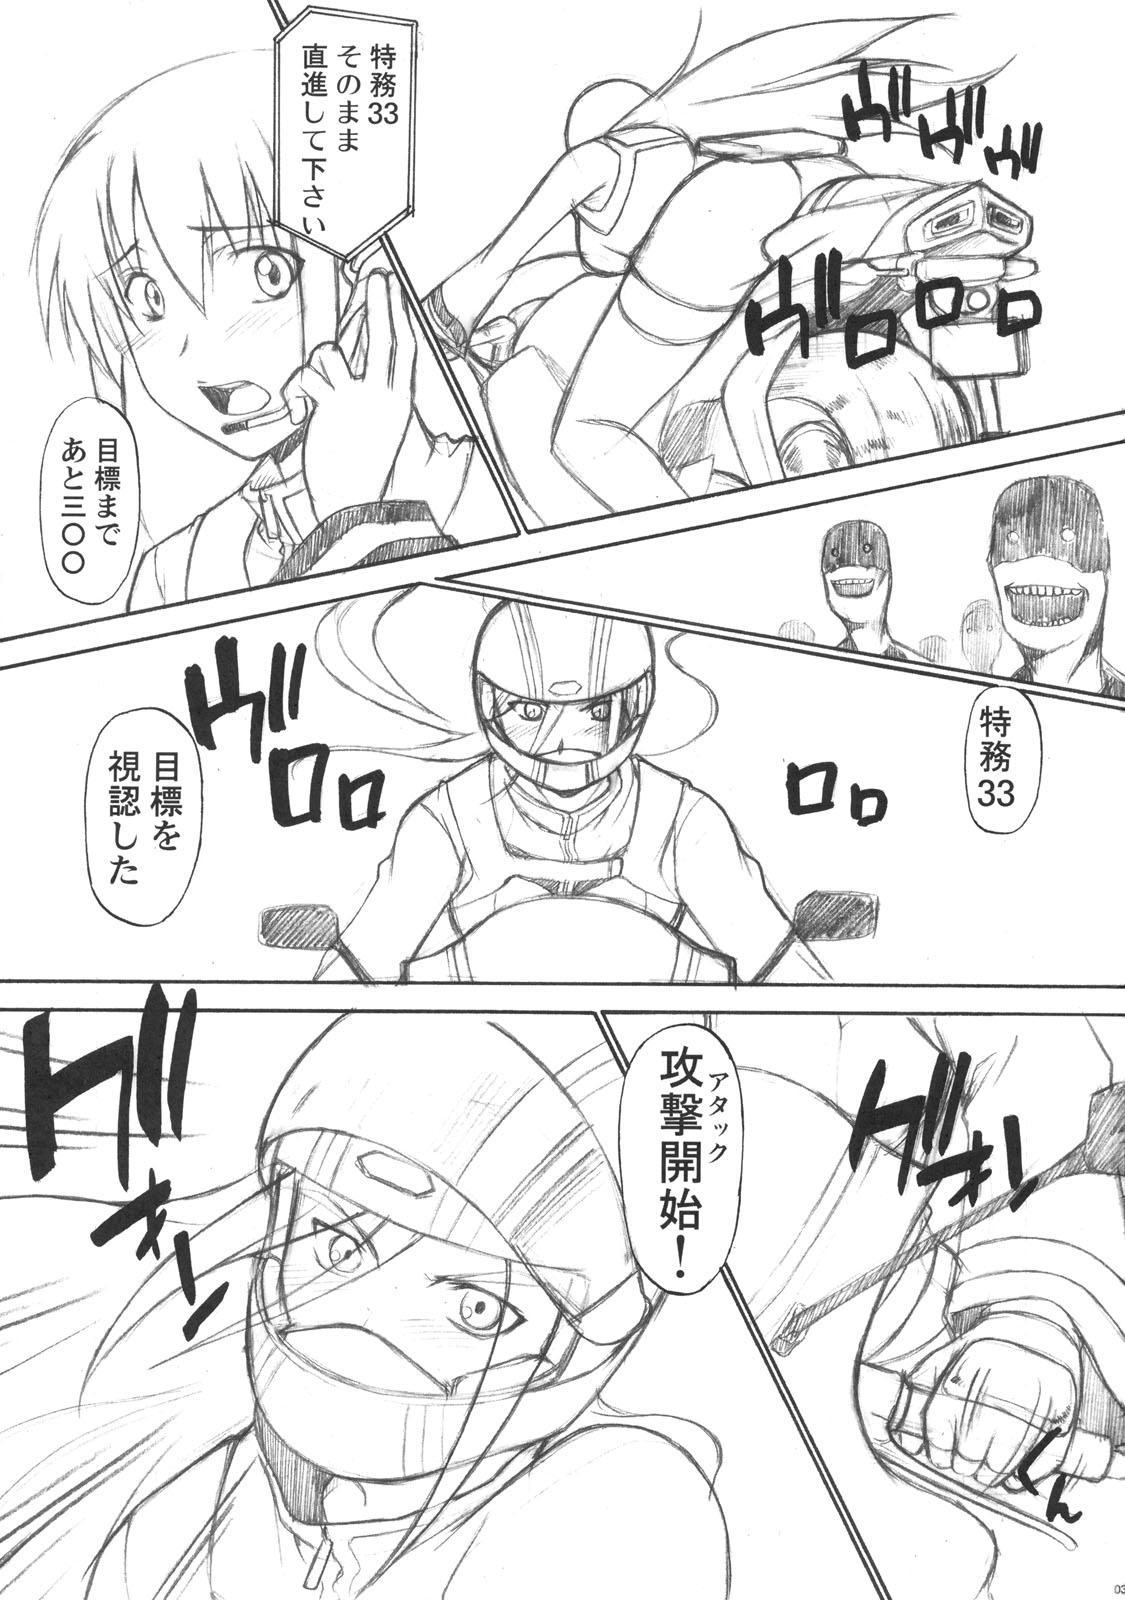 Tokusen! Yonka no Hon 3